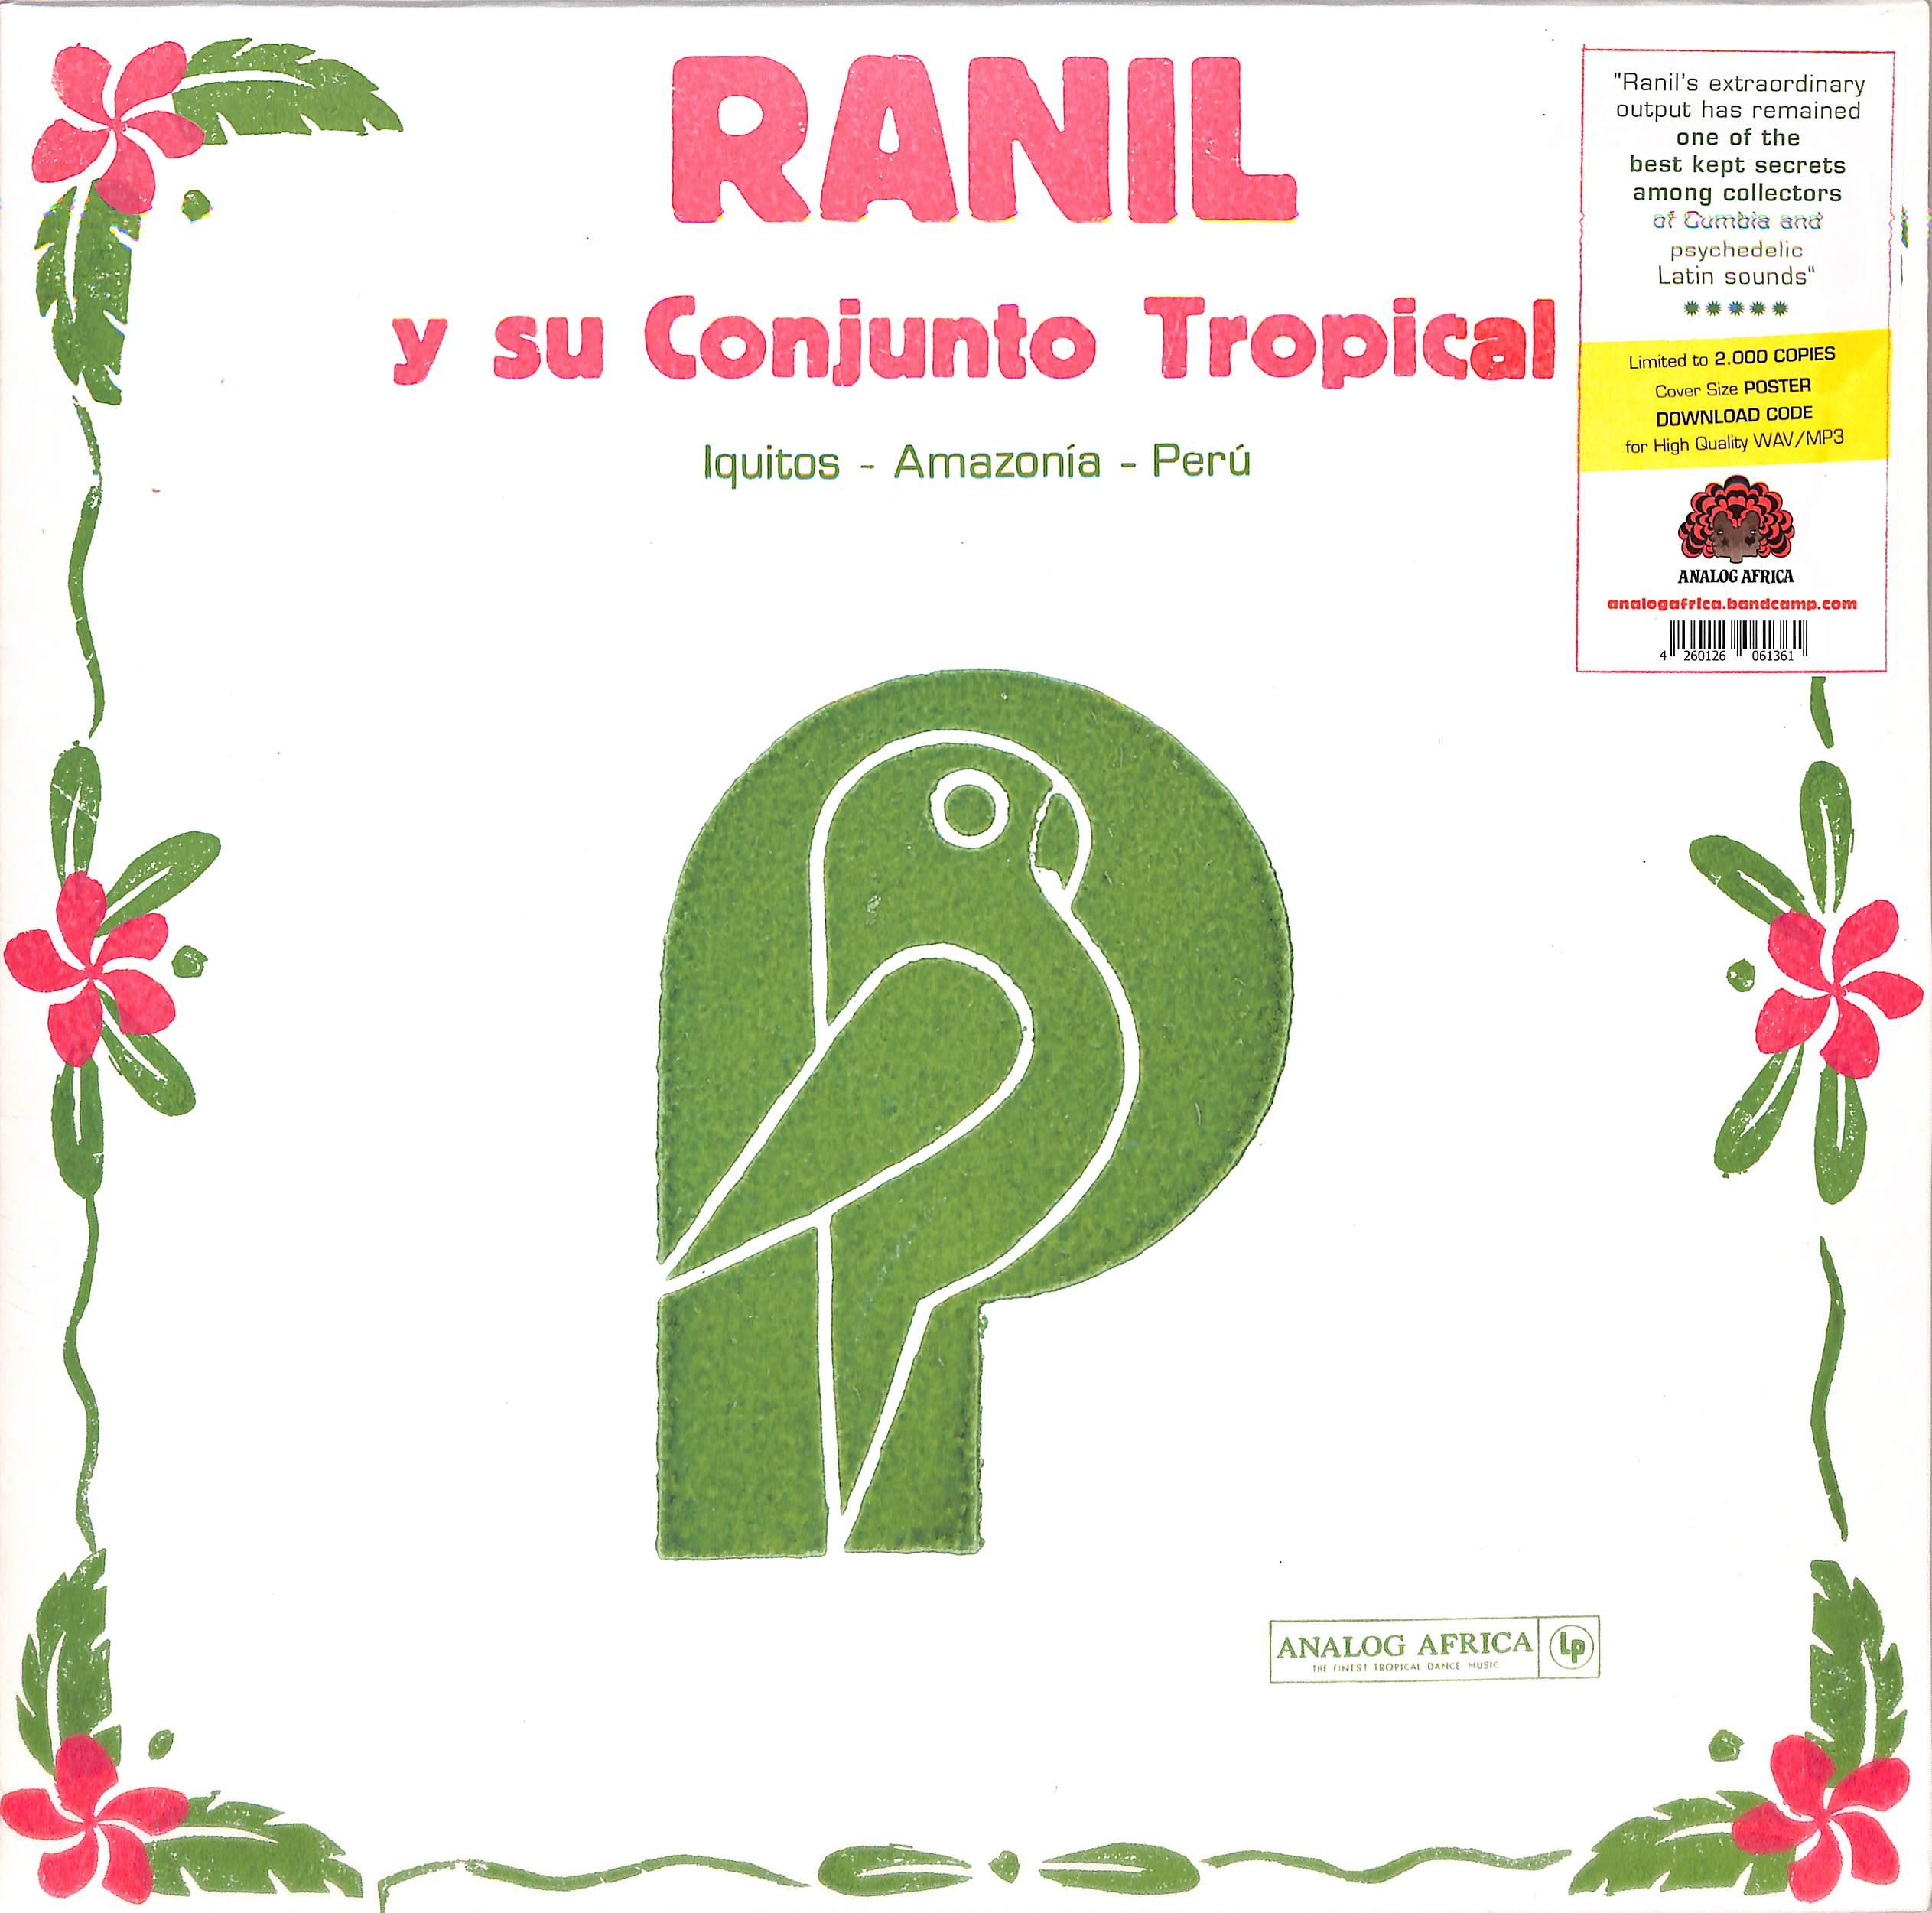 Ranil Y Su Conjunto Tropical - ANALOG AFRICA LIMITED DANCE EDITION NO 11